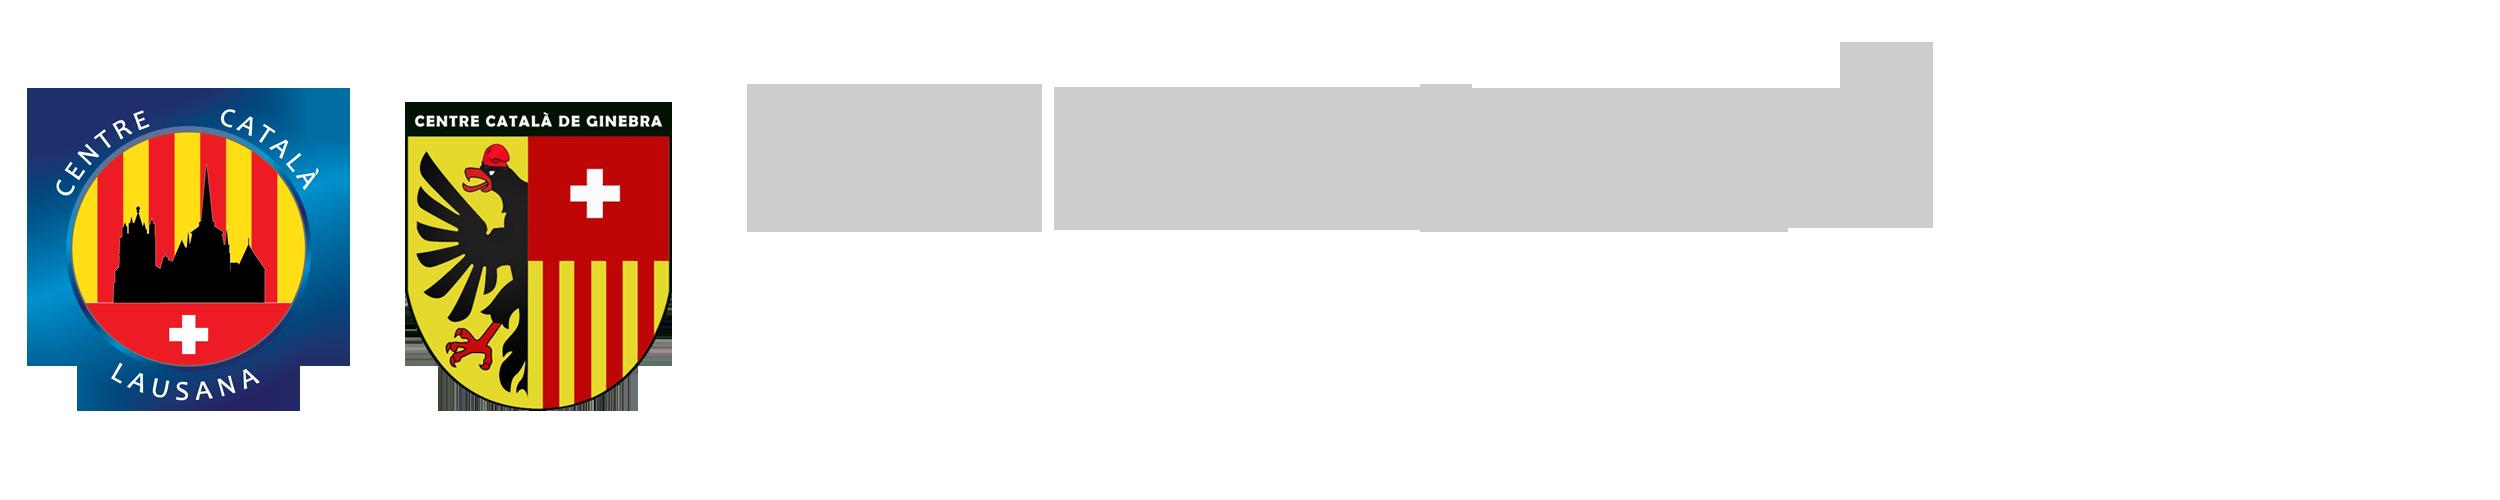 Centre Català de Lausana-Ginebra